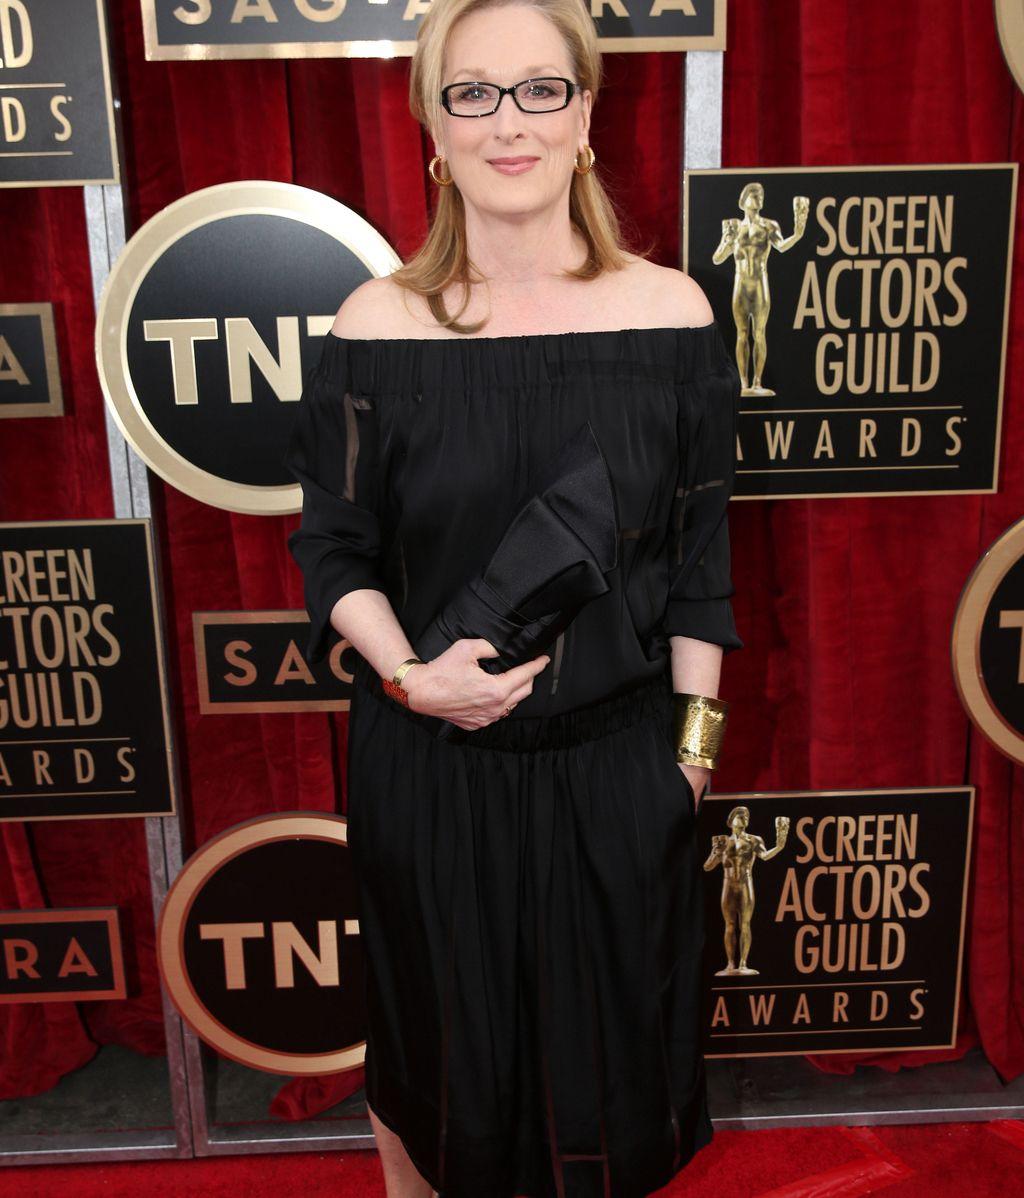 Meryl Streep, muy elegannte de negro y dorado